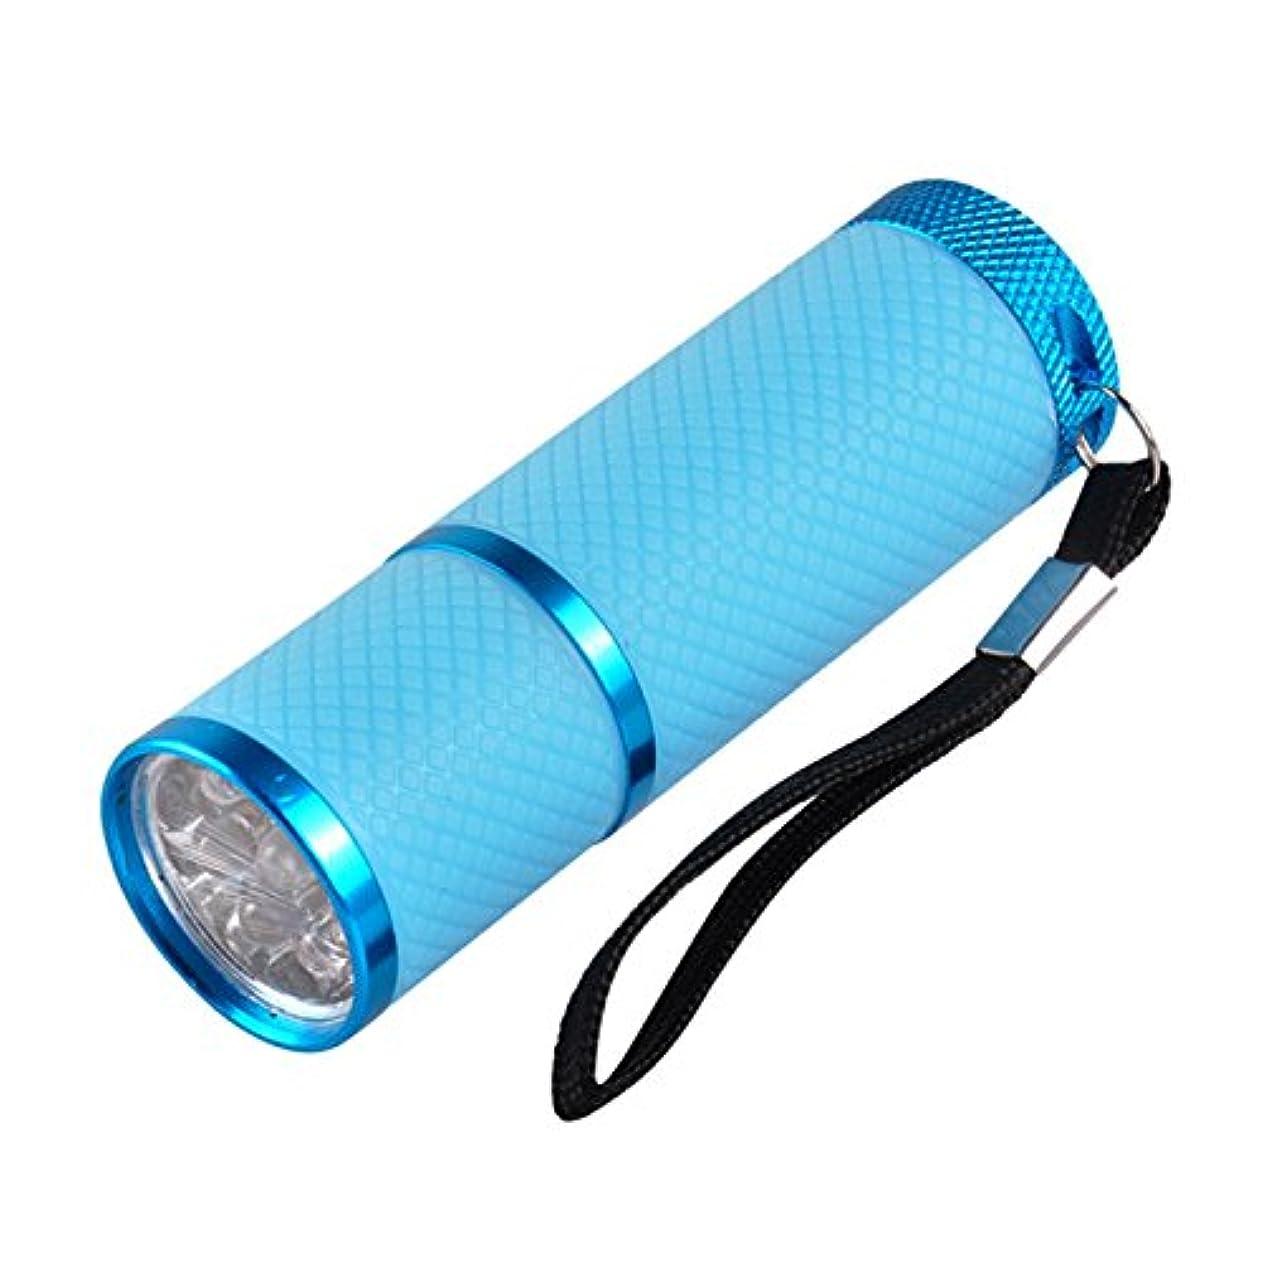 哀れなアルカトラズ島突き刺すネイル?レジンクラフト LED UVライト ブルー BY-NL550 ネコポス発送 送料無料